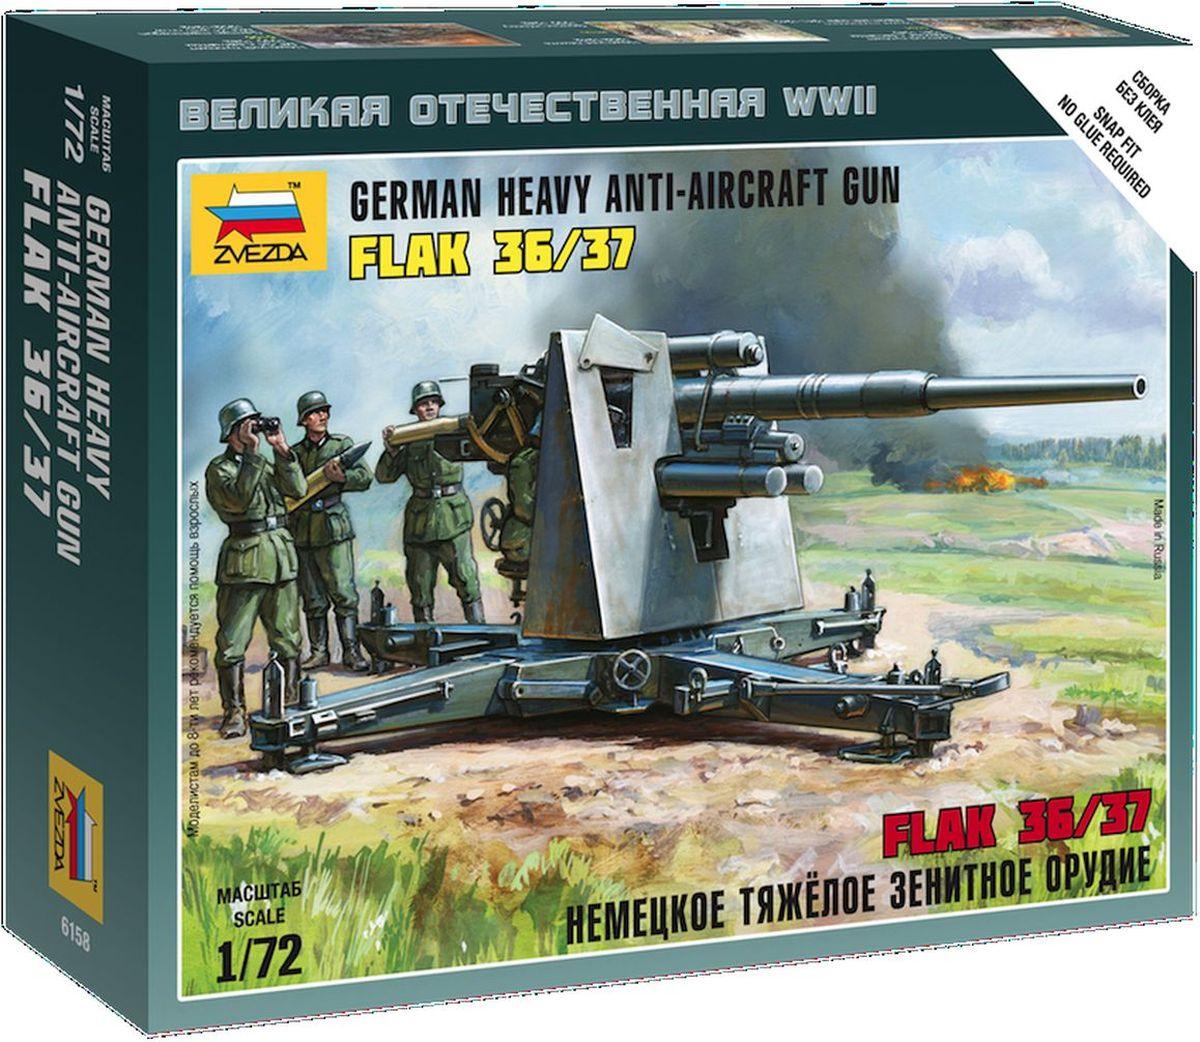 ������ ������� ������ �������� ������� �������� ������ Flak 36/37 - ������6158� ������� ������� ������ ������ �������� ������� �������� ������ FLAK 36/37 �� � ��� ������� ������� ������� ����������� ����� ���������� ��������� ��������� ������. ����� �������� � ���� 45 ����������� ��������� ��� ������ ������ � 4 ������� ������, � ����� ���������� �� ������� �����. ��� ������� ����� ���� ����������� �� �������� ��������� ��� ����, � ��� �������������� � ���������� ������� ����� ���� ����������� �� �������������� ���������. ������ ��� ����! �������� �������� ������ Flak 36/37, ����� ���������, ��� ������-������, ��������� ����� �� ������ ������ ������ ������� �����. ��� �������������� �� ������ ������ ��������� �����, �� � � �������� ���������������� ������. Flak 8.8 ��������� ������� ��� �������� ����� �������� ������ � �� ����� ��������� ����� ������ �������� �������. ������� ������ ��������� ���������������� � ���������������� �����������, ����������� � �������������� ��������, � ����� ��������� ������������ ������ ������ �� ������� �...